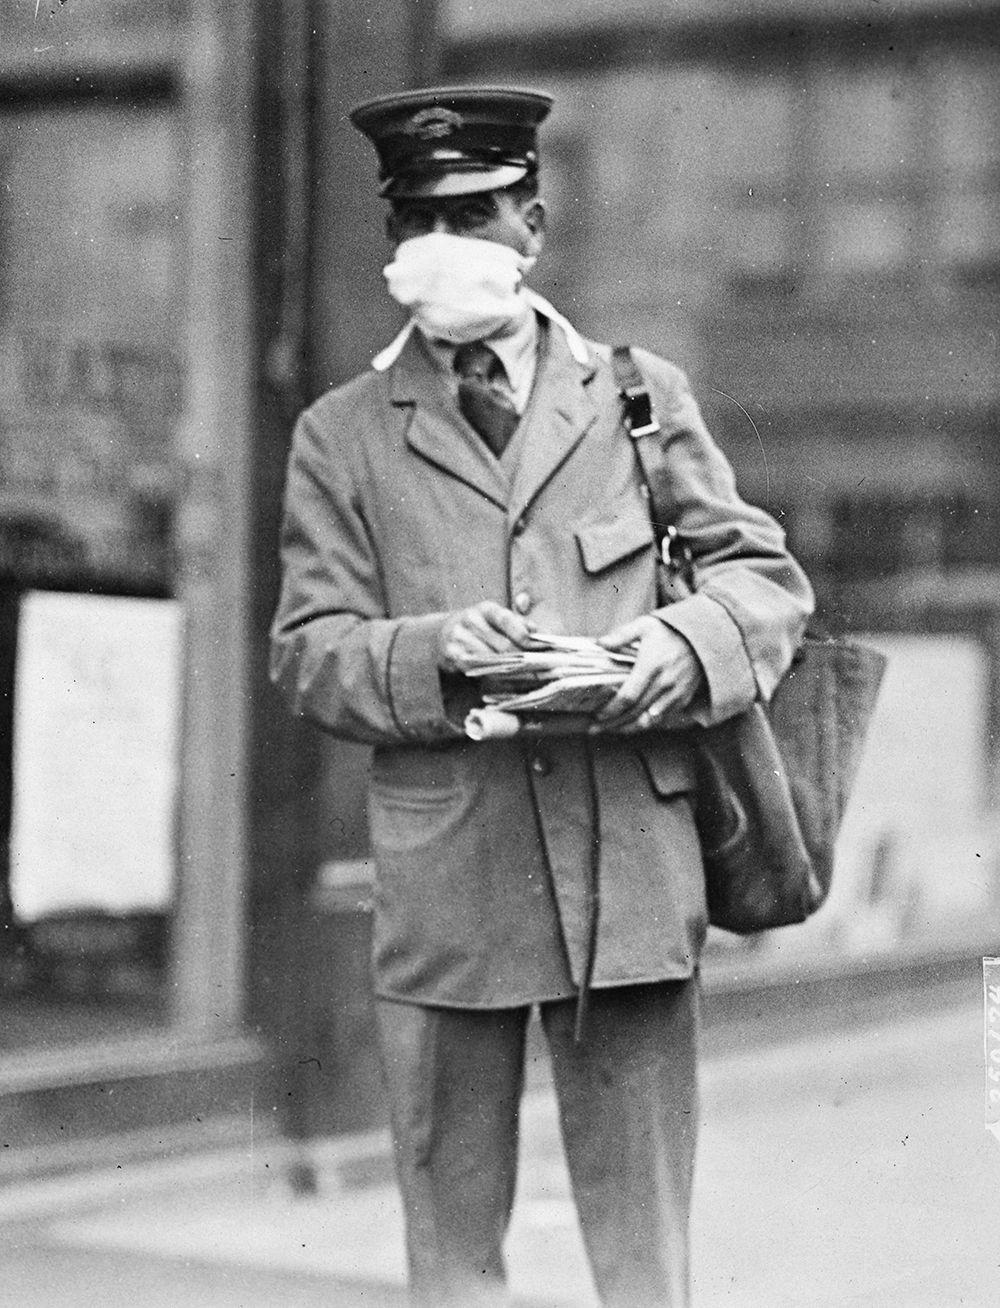 Épinglé par Mouillard sur Confinement en 2020 Grippe